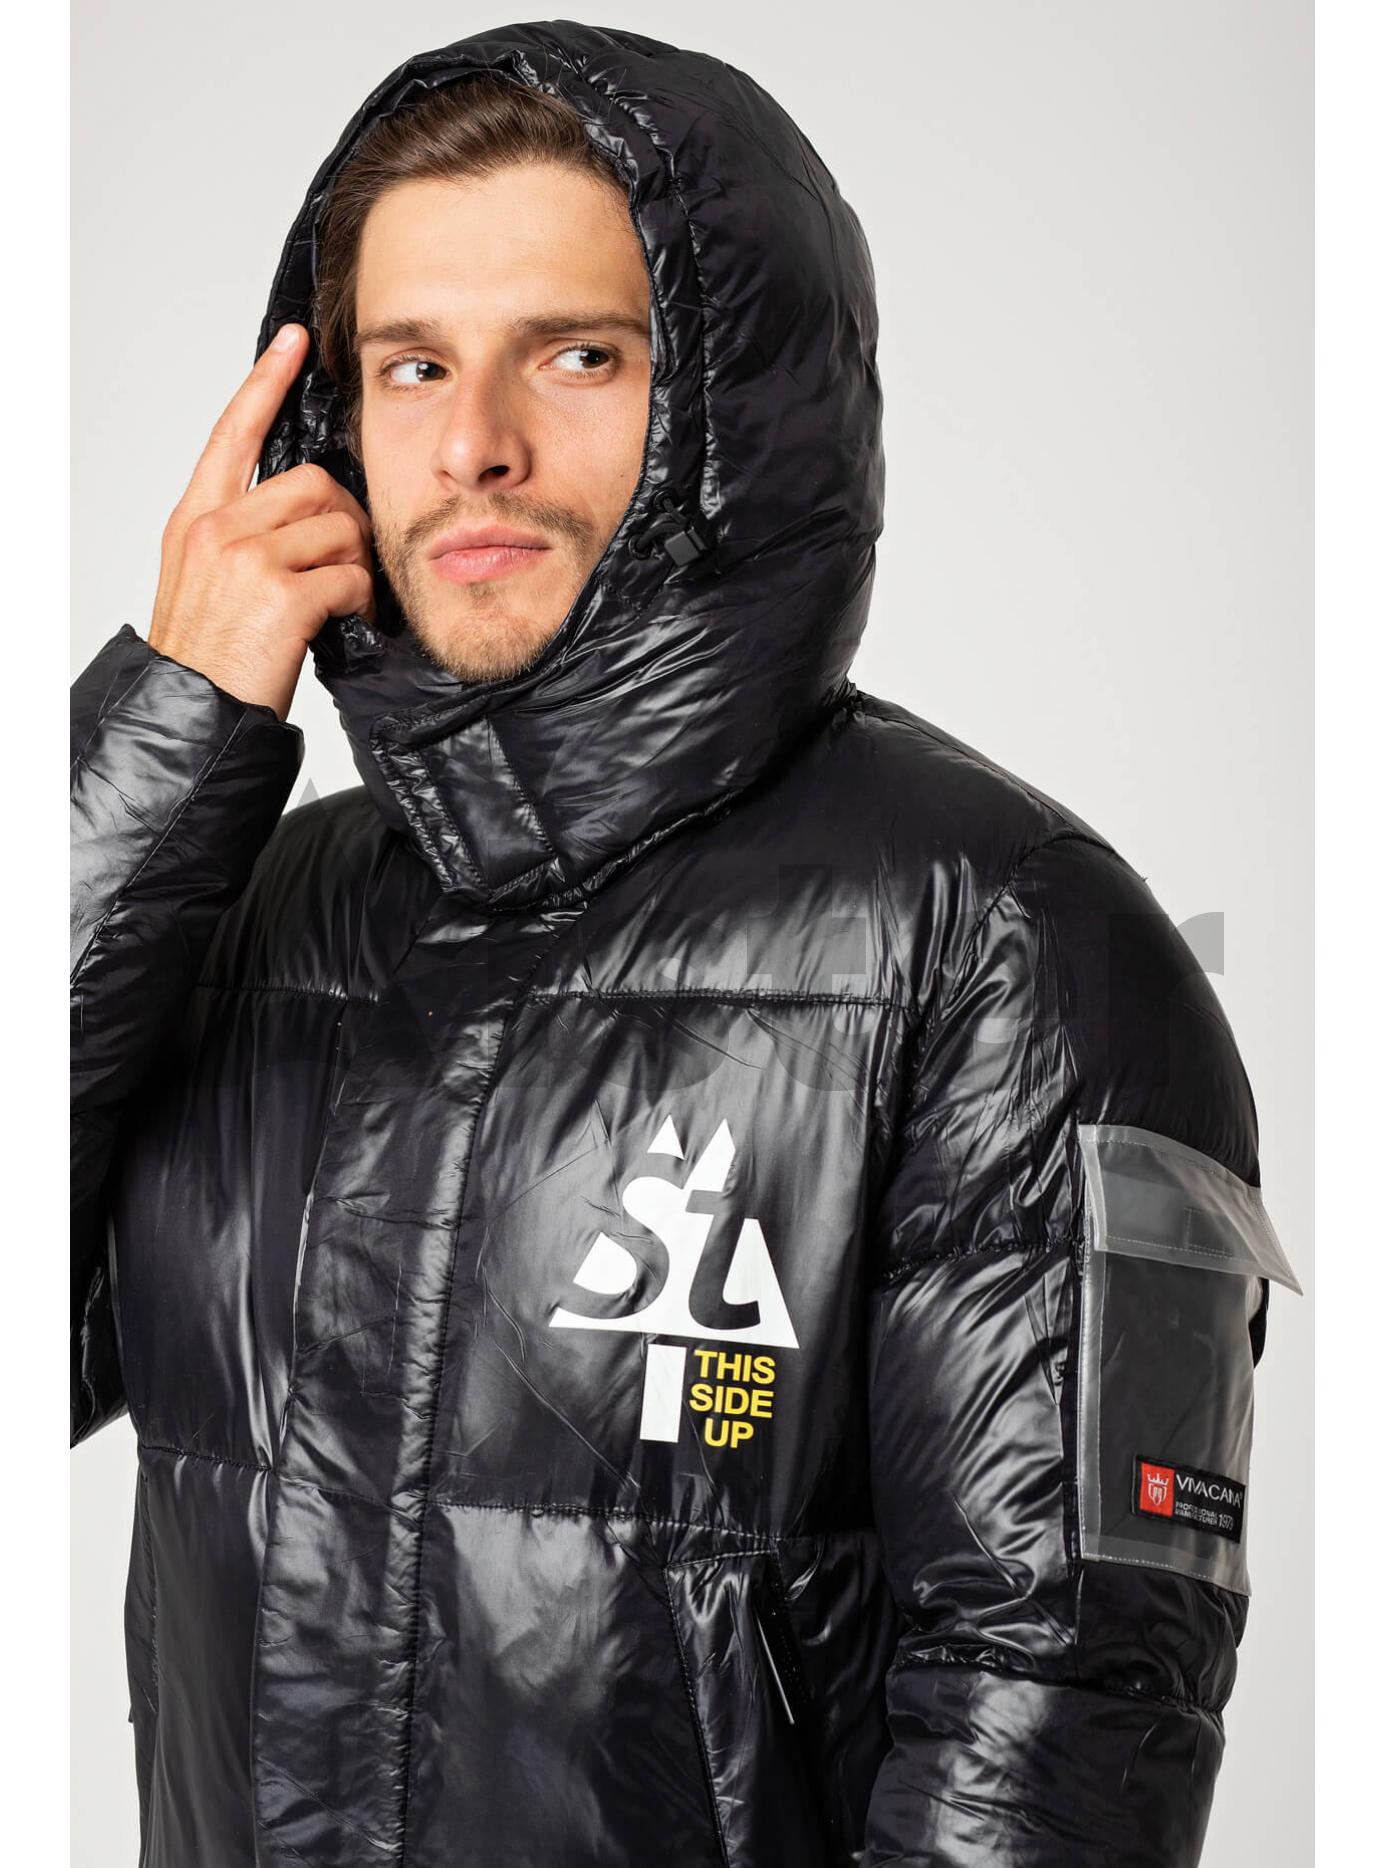 Мужская зимняя куртка с капюшоном Чёрный S (02-MV1917): фото - Alster.ua